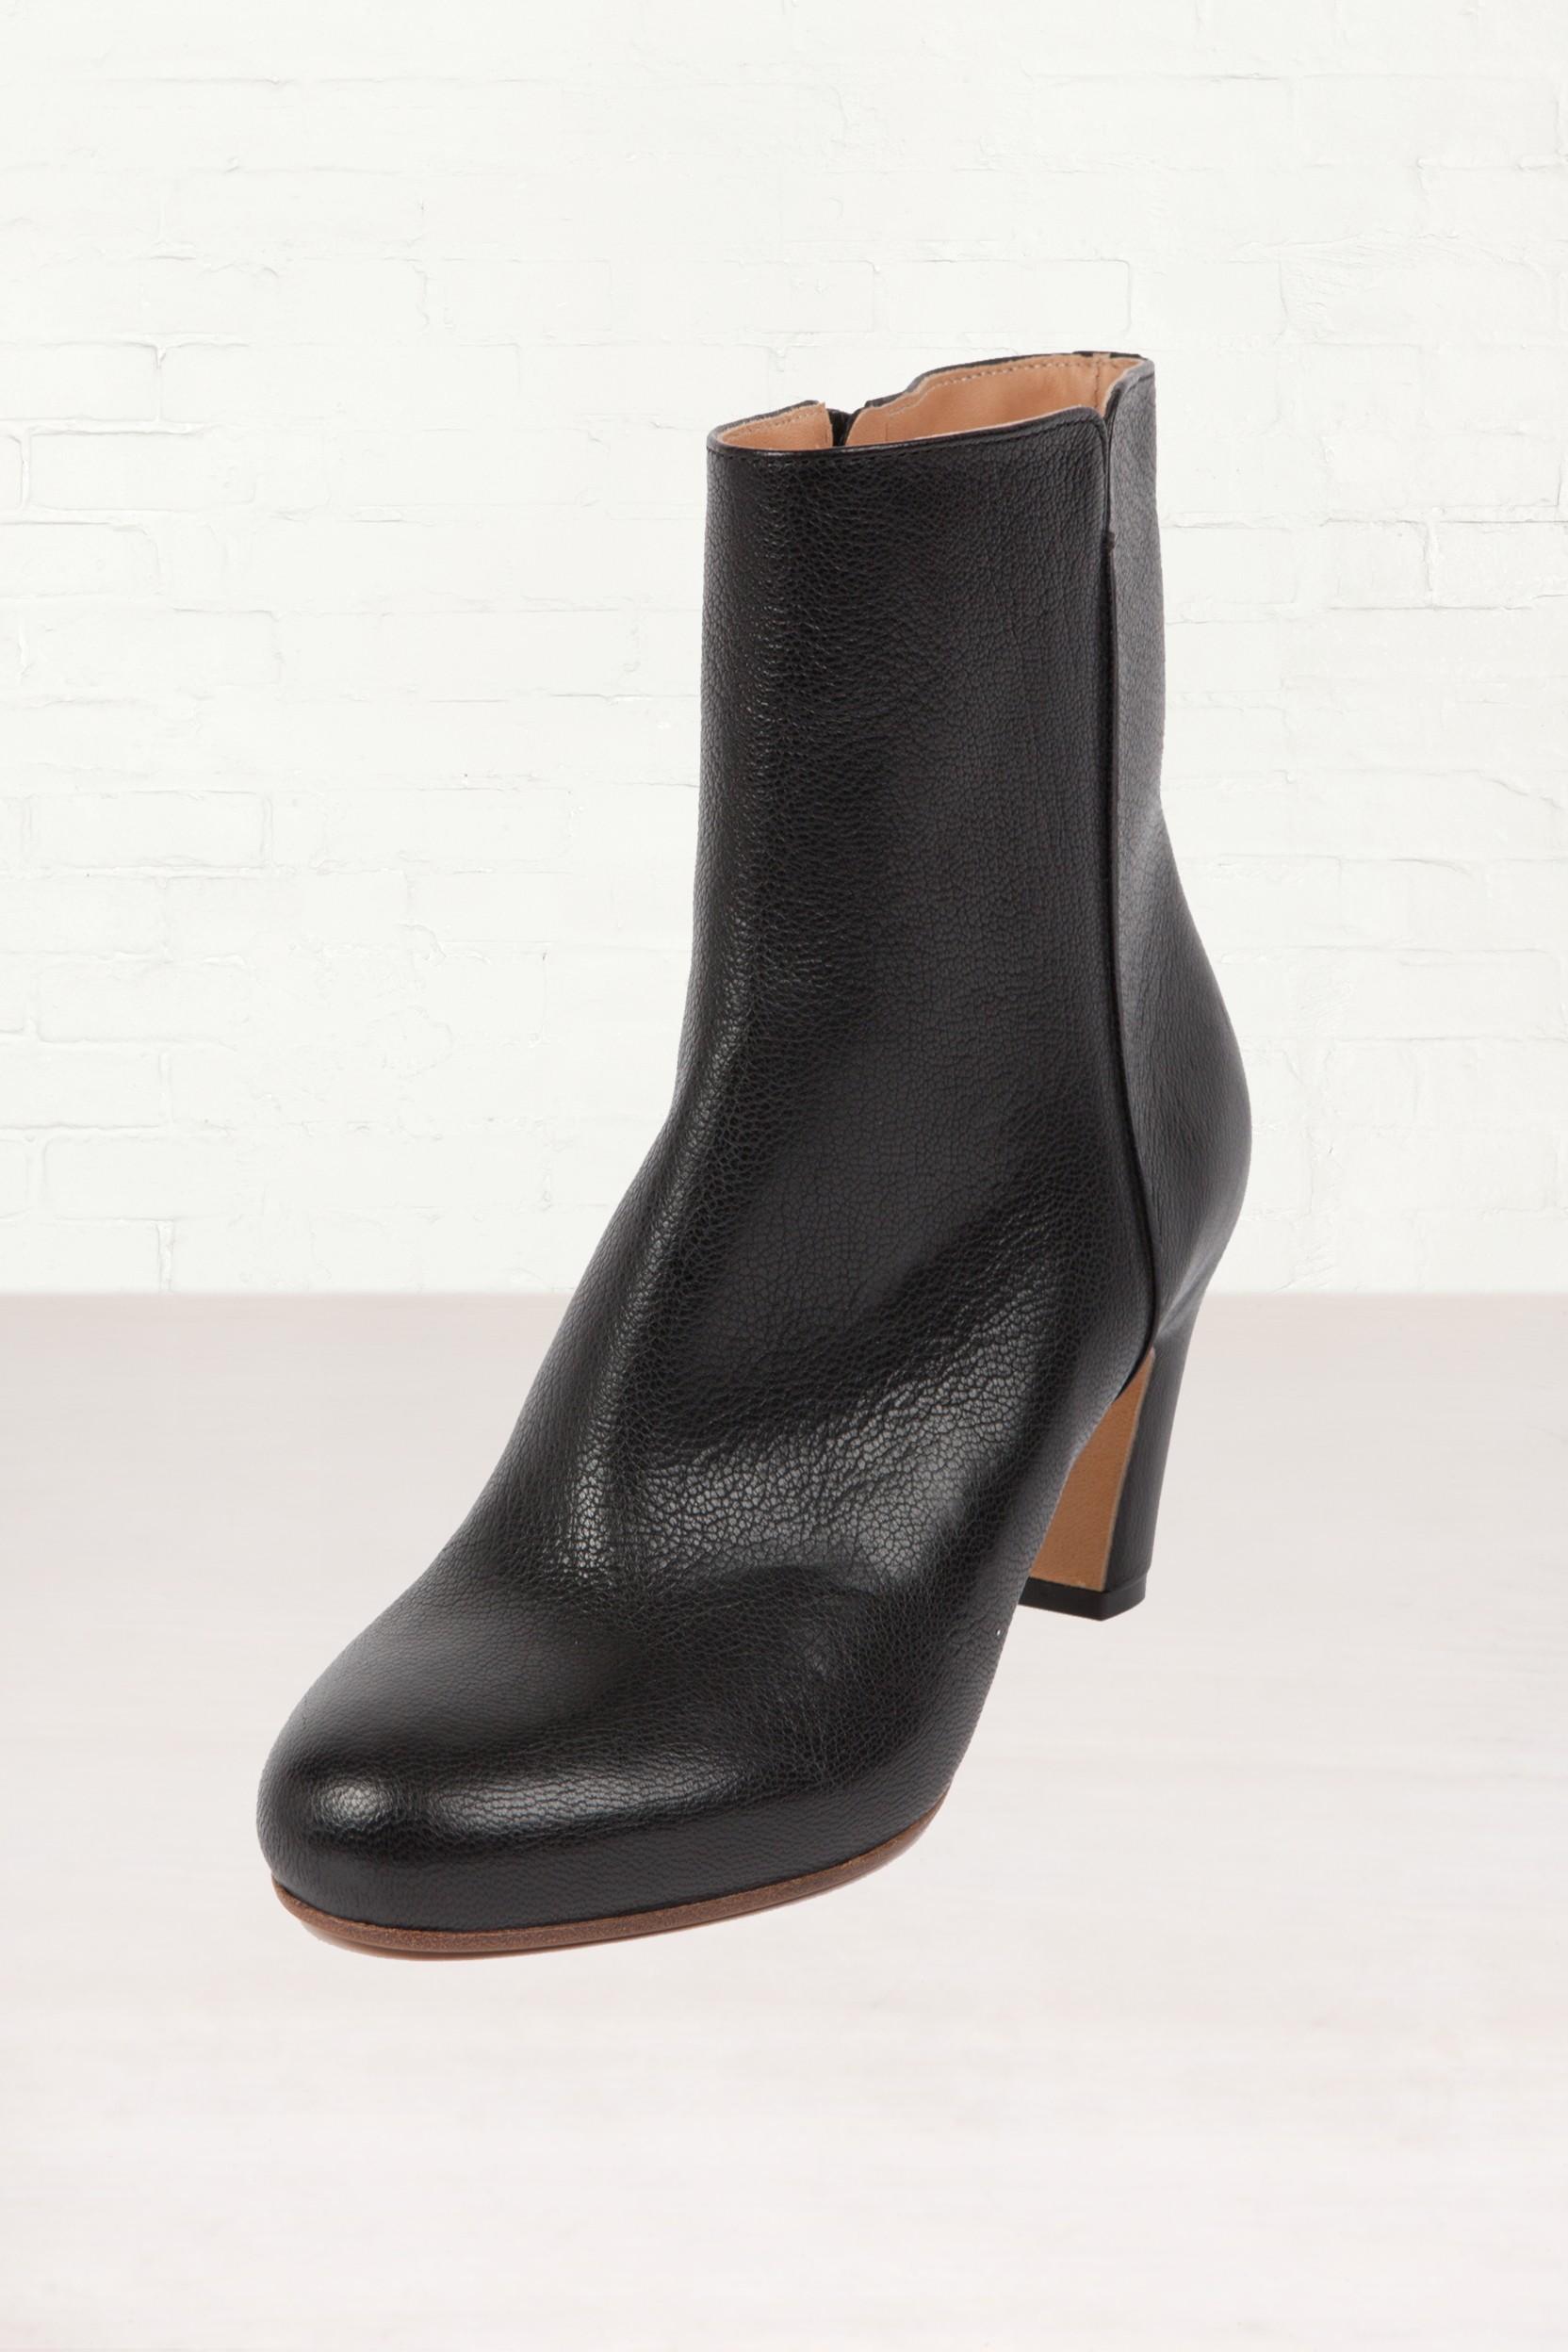 maison margiela maison martin margiela low heel leather